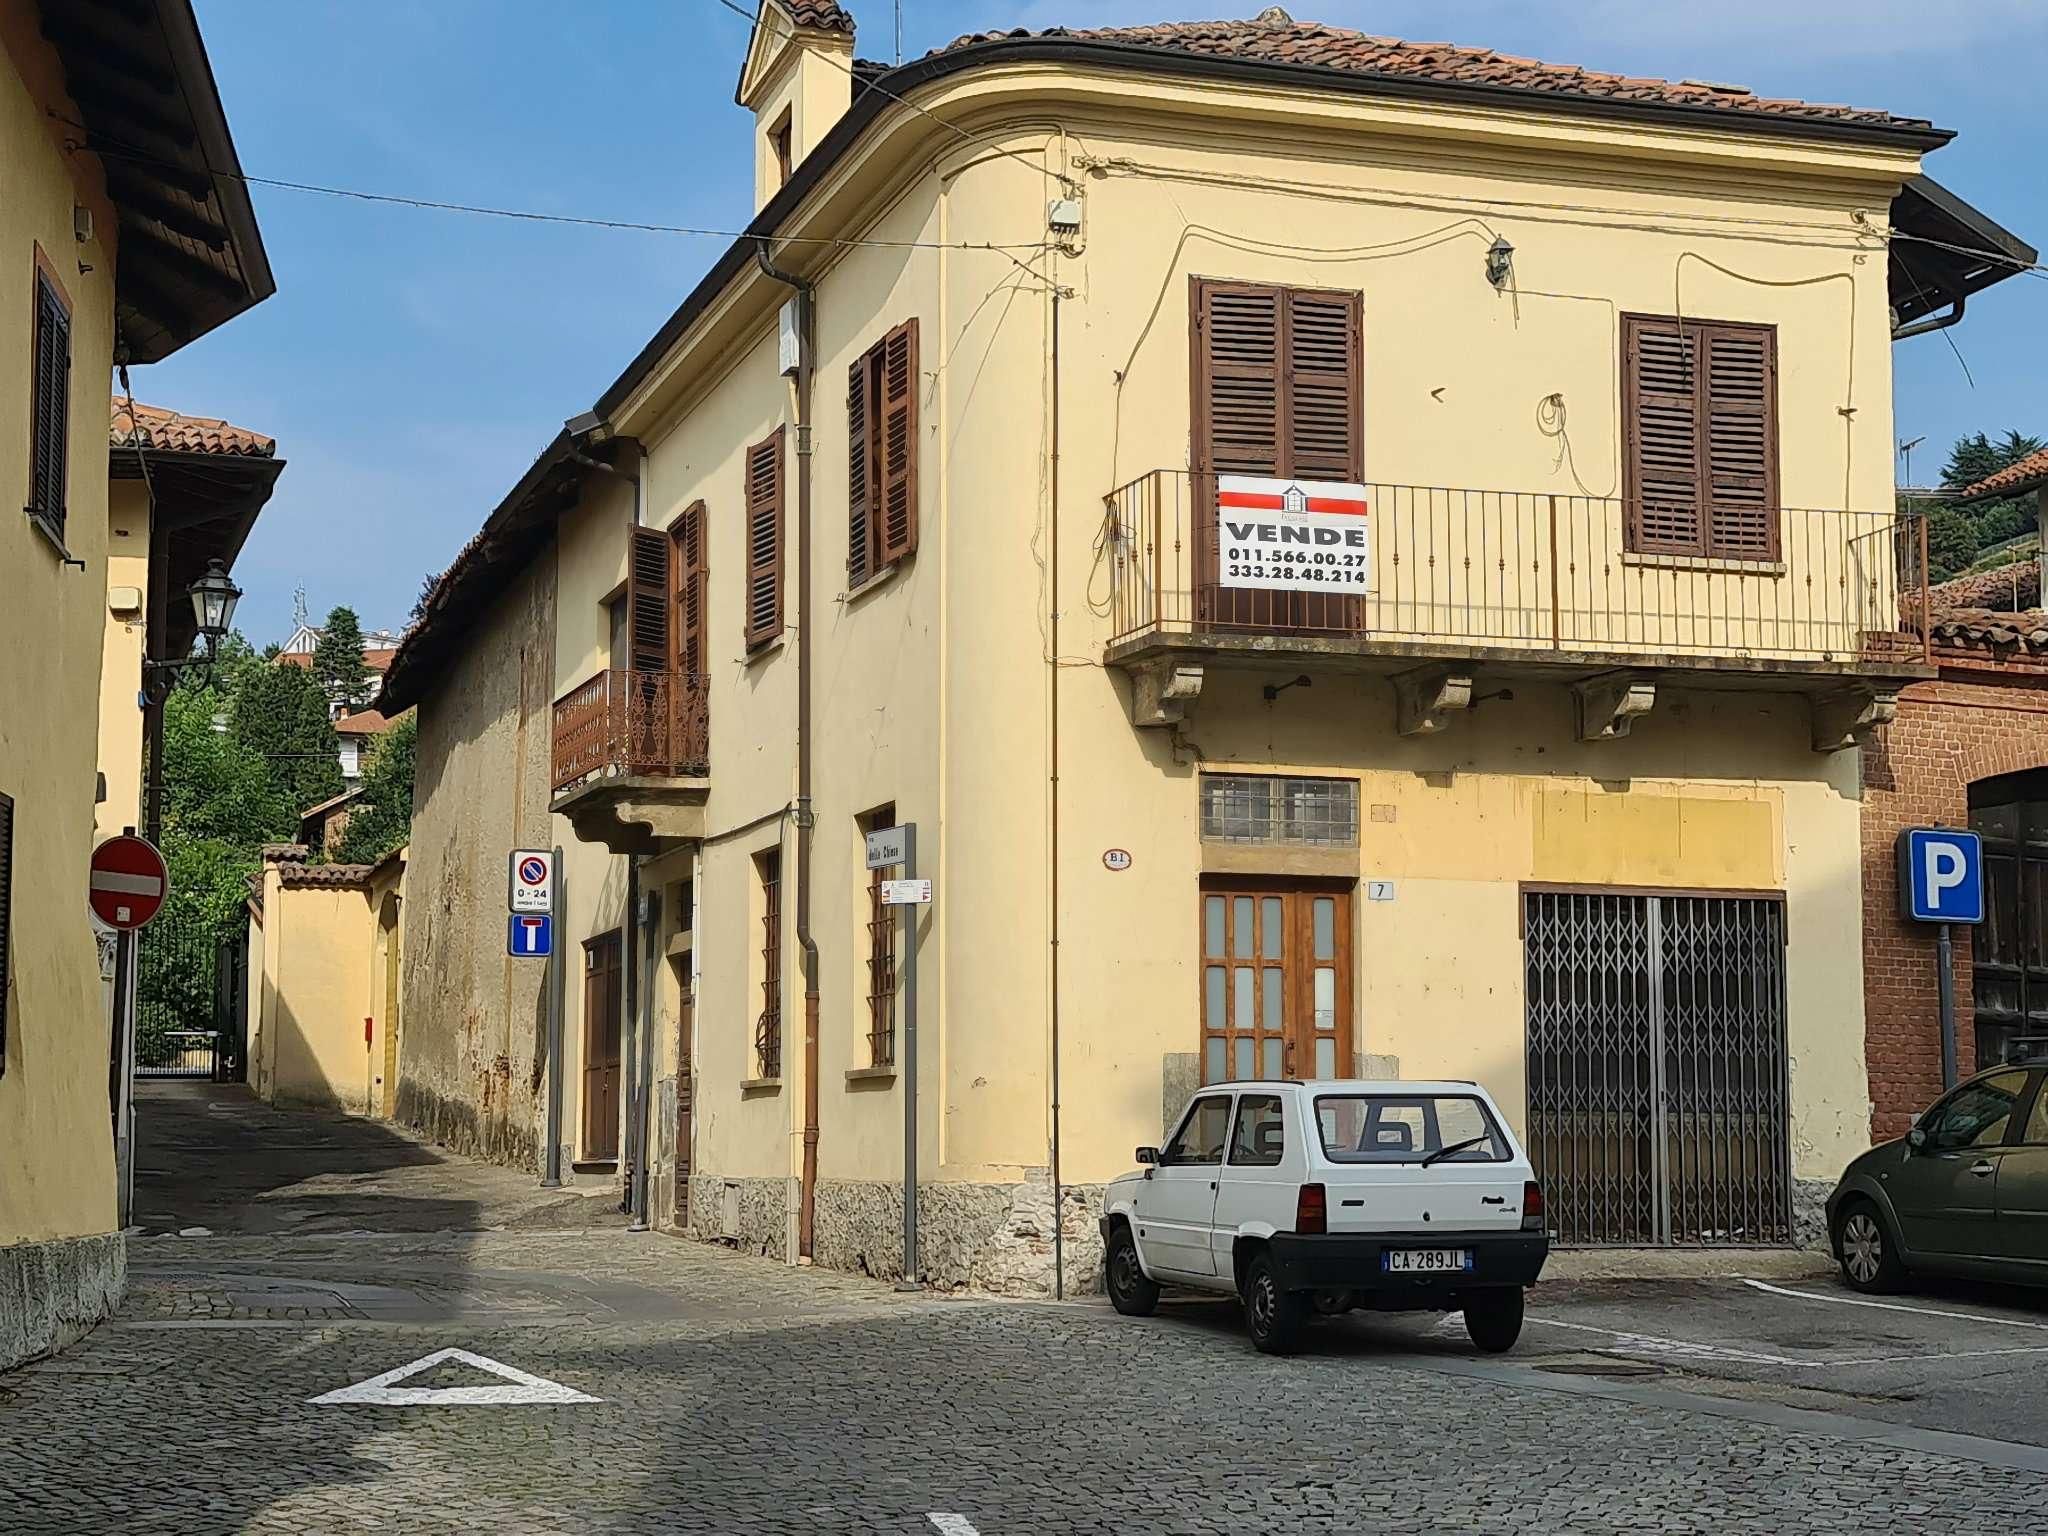 Soluzione Indipendente in vendita a Villarbasse, 6 locali, prezzo € 125.000 | PortaleAgenzieImmobiliari.it